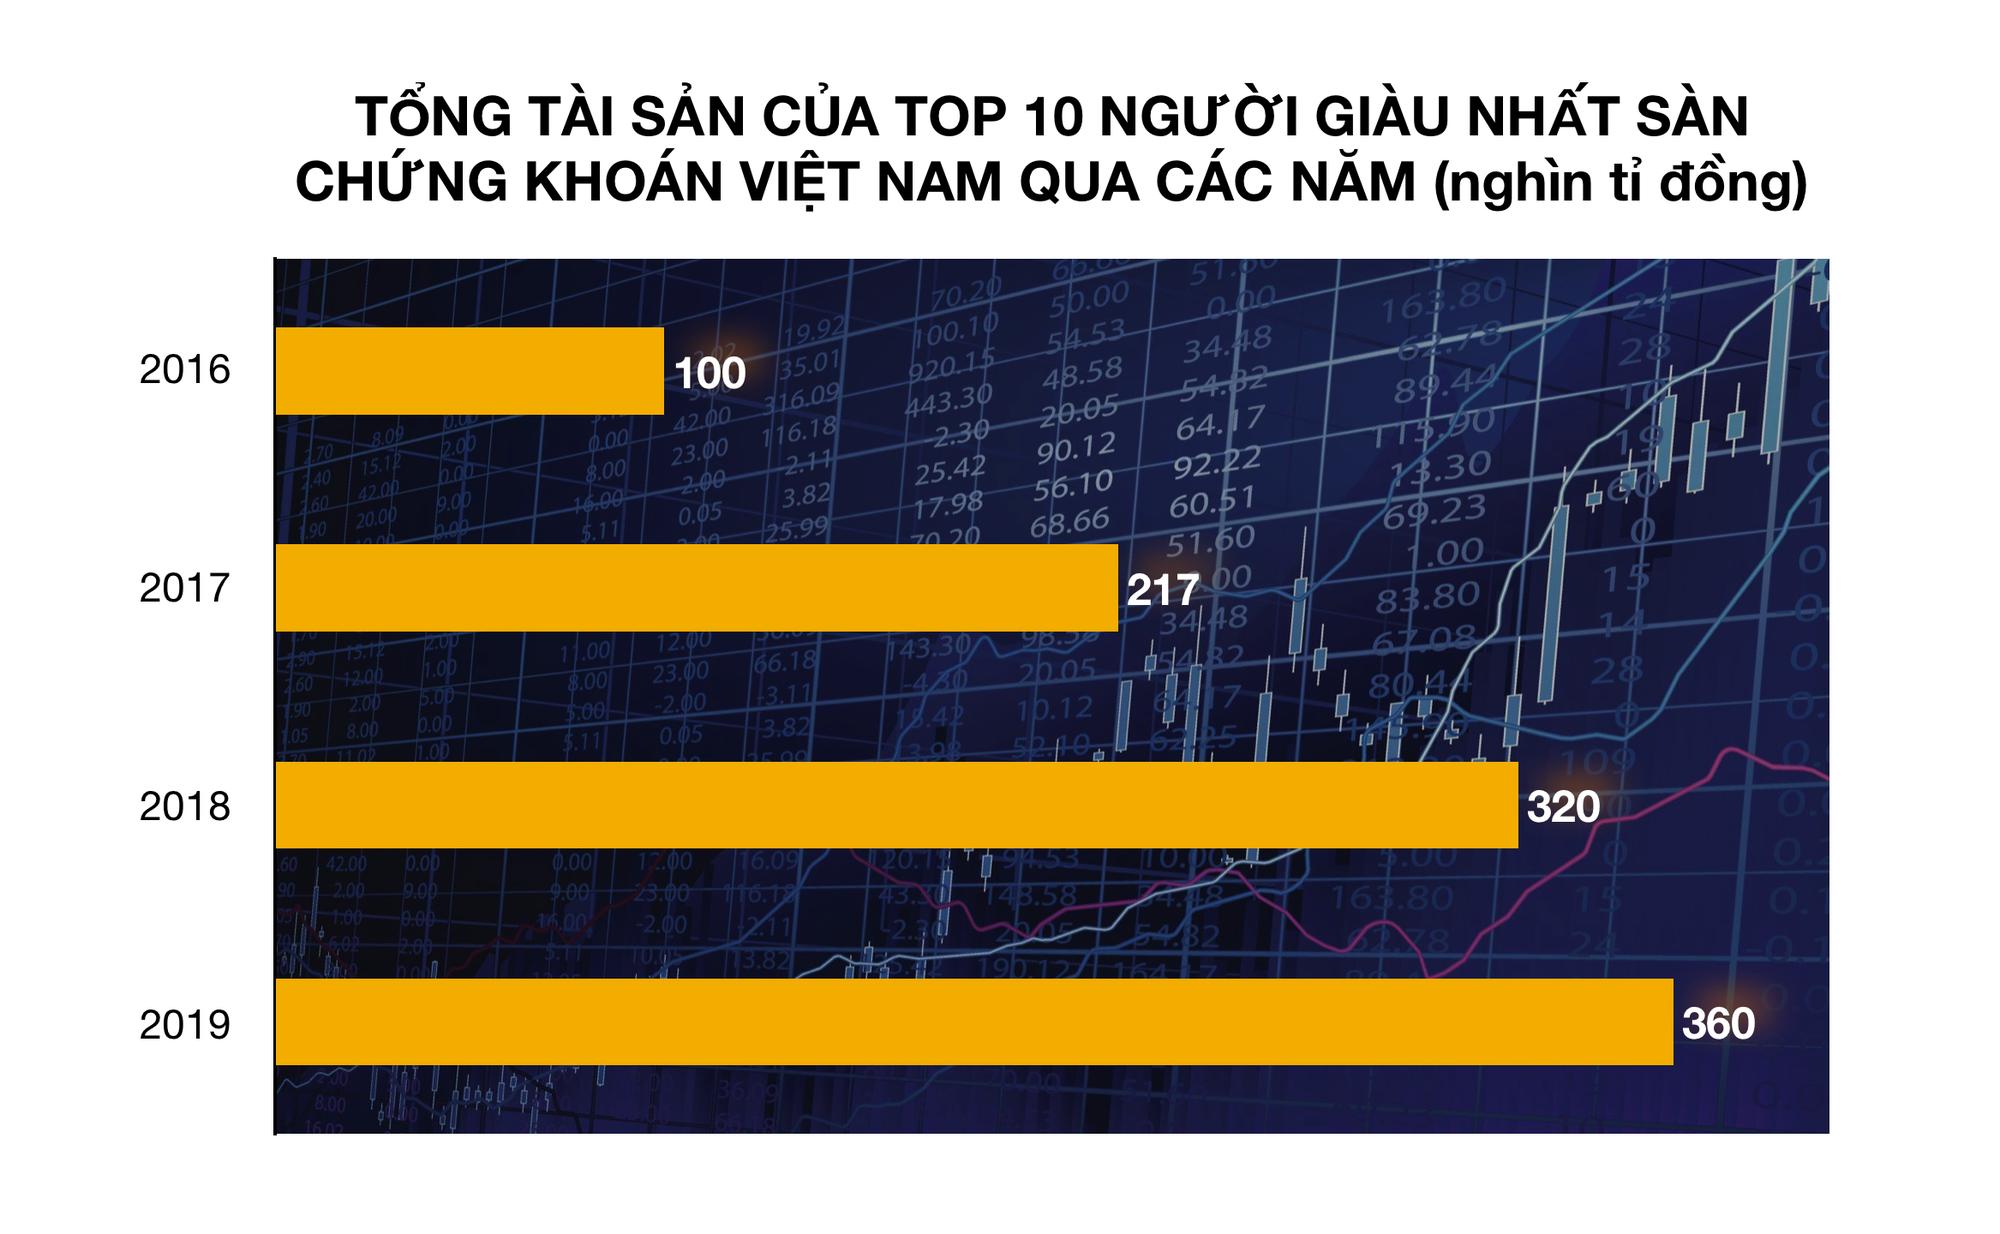 Ngoài ông Phạm Nhật Vượng, ai là 10 người giàu nhất sàn chứng khoán Việt năm 2019? - Ảnh 1.